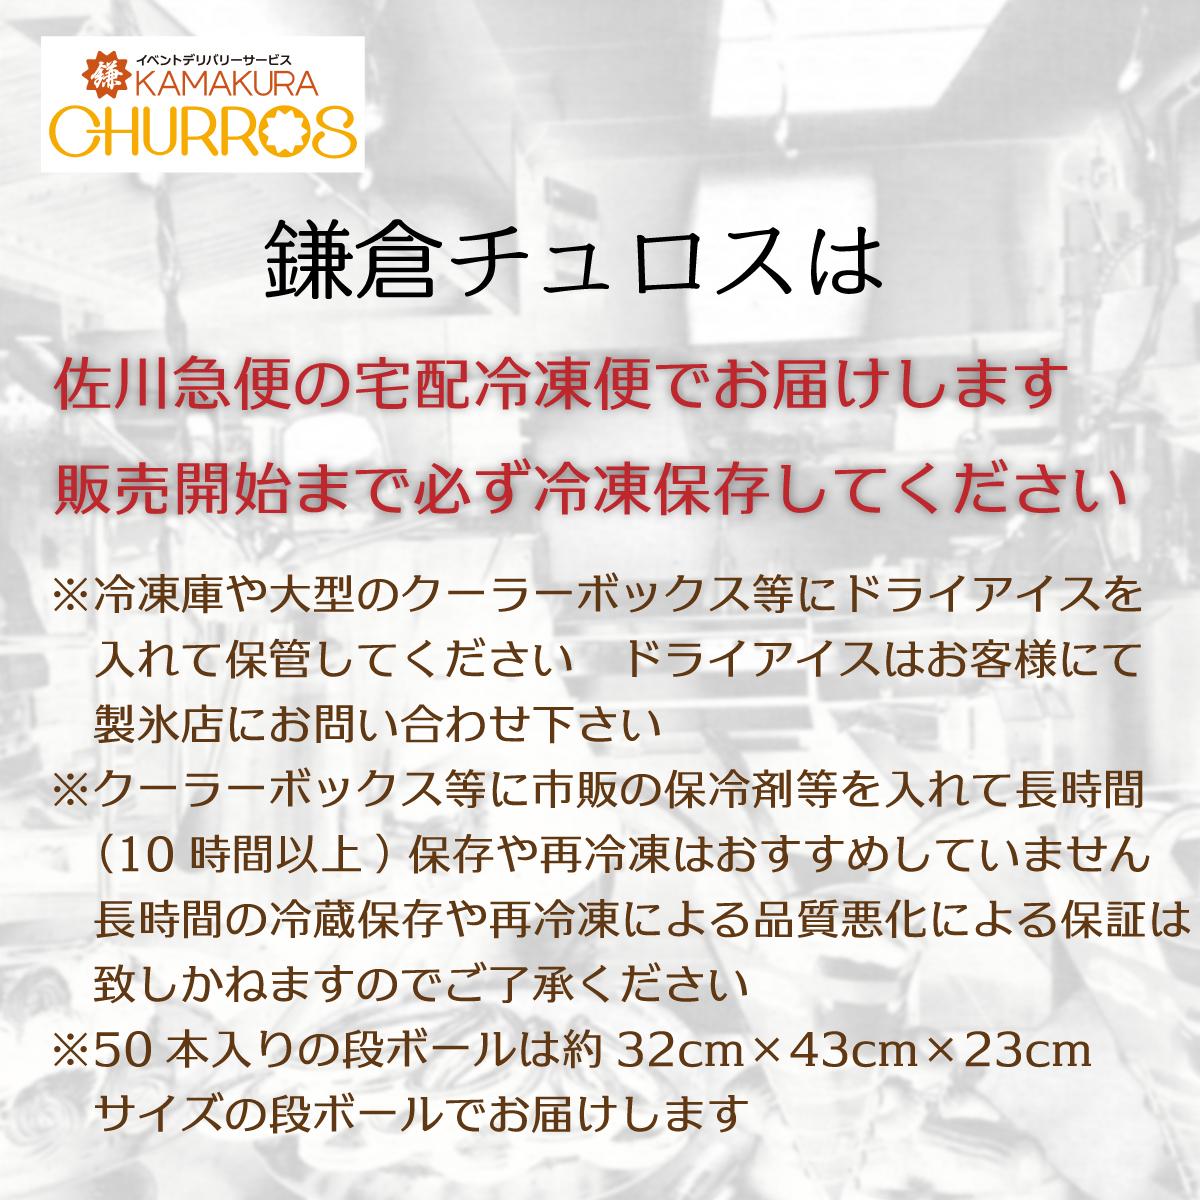 イベントデリバリーサービス【前日宅配便】(50本セット) 画像11